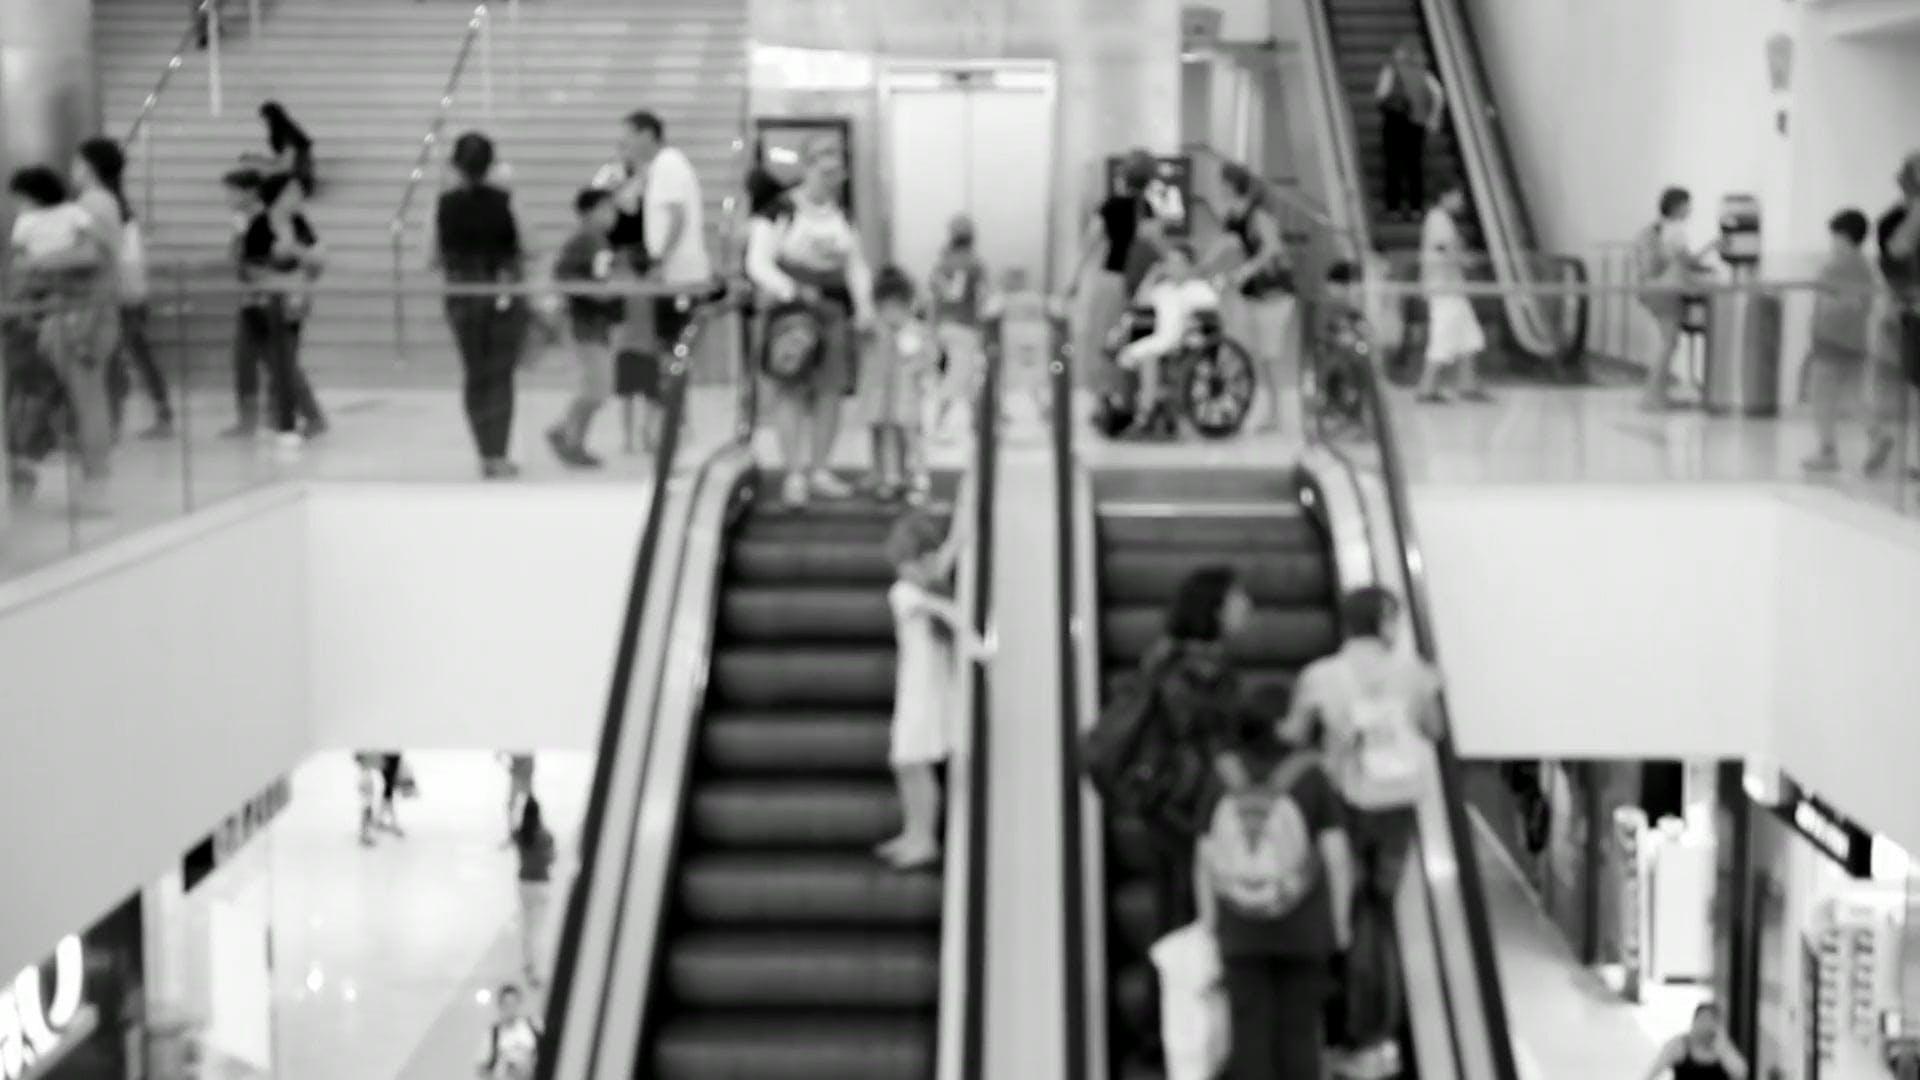 People On Escalators